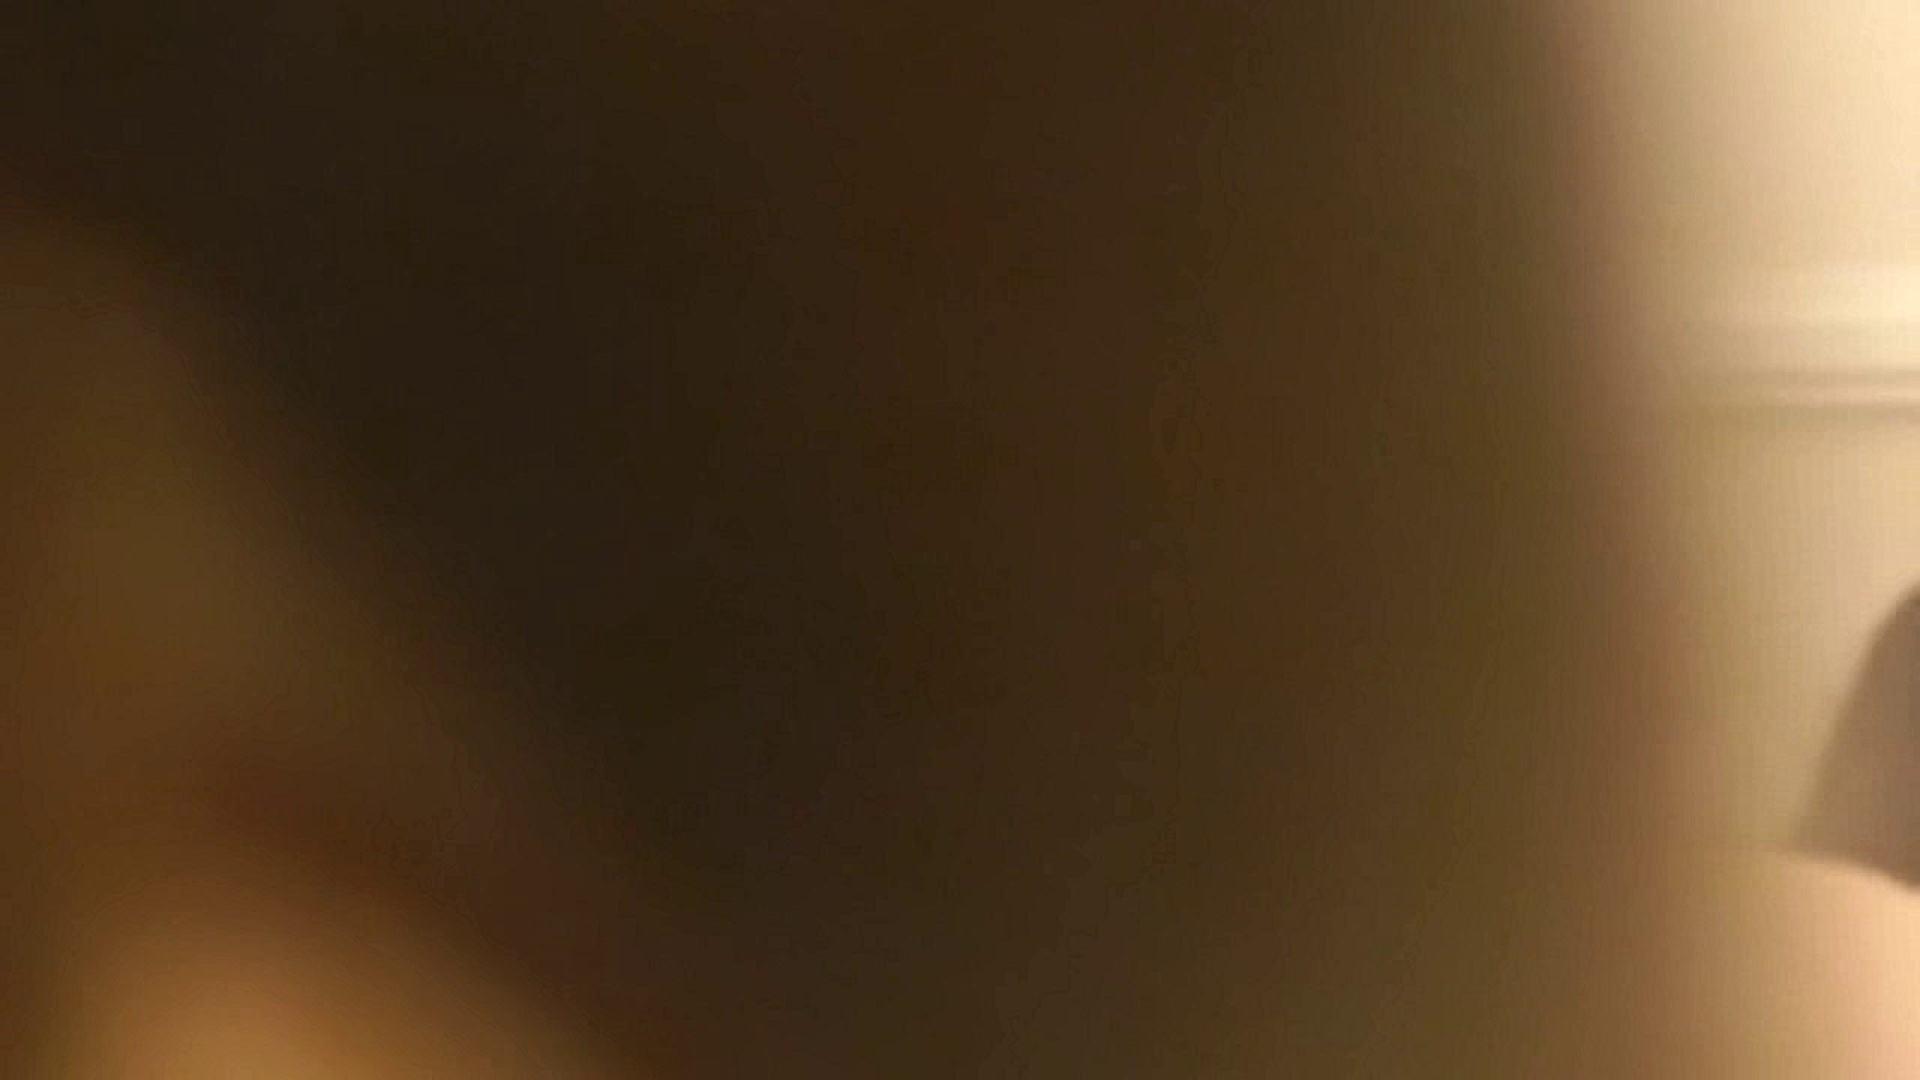 vol.1 Mayumi 窓越しに入浴シーン撮影に成功 OL   入浴シーン  89連発 37